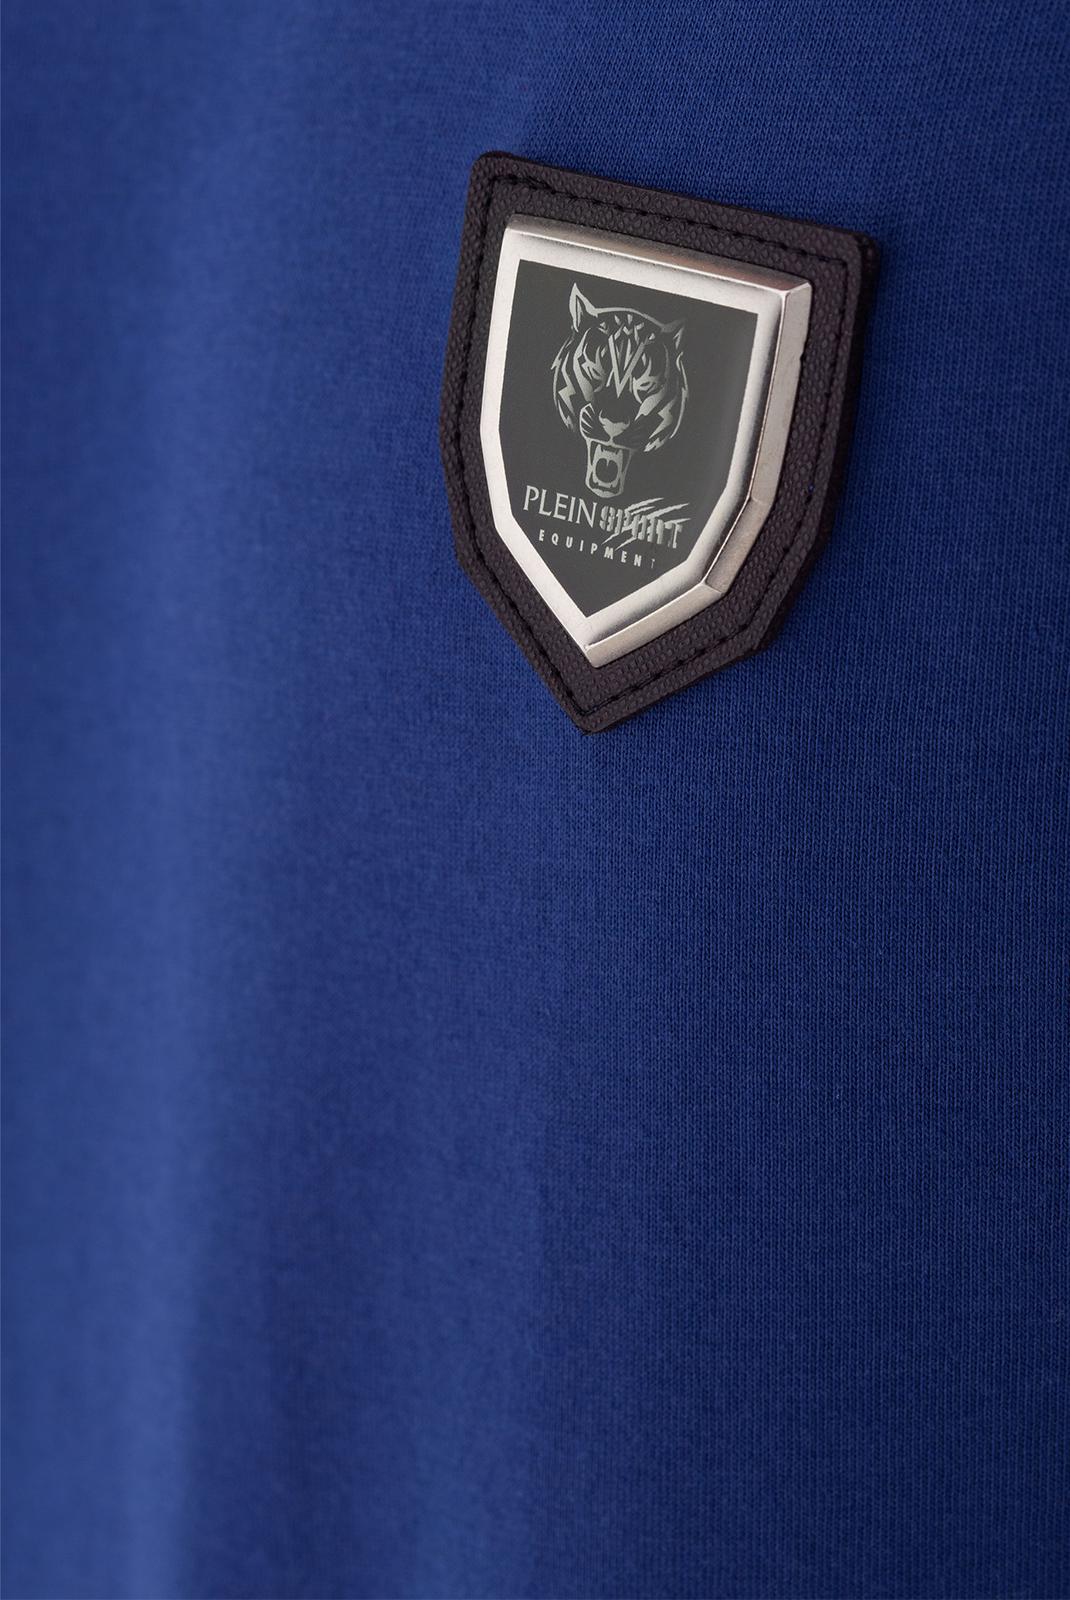 T-S manches courtes  Plein Sport P17C MTK0646 B006 BLUE